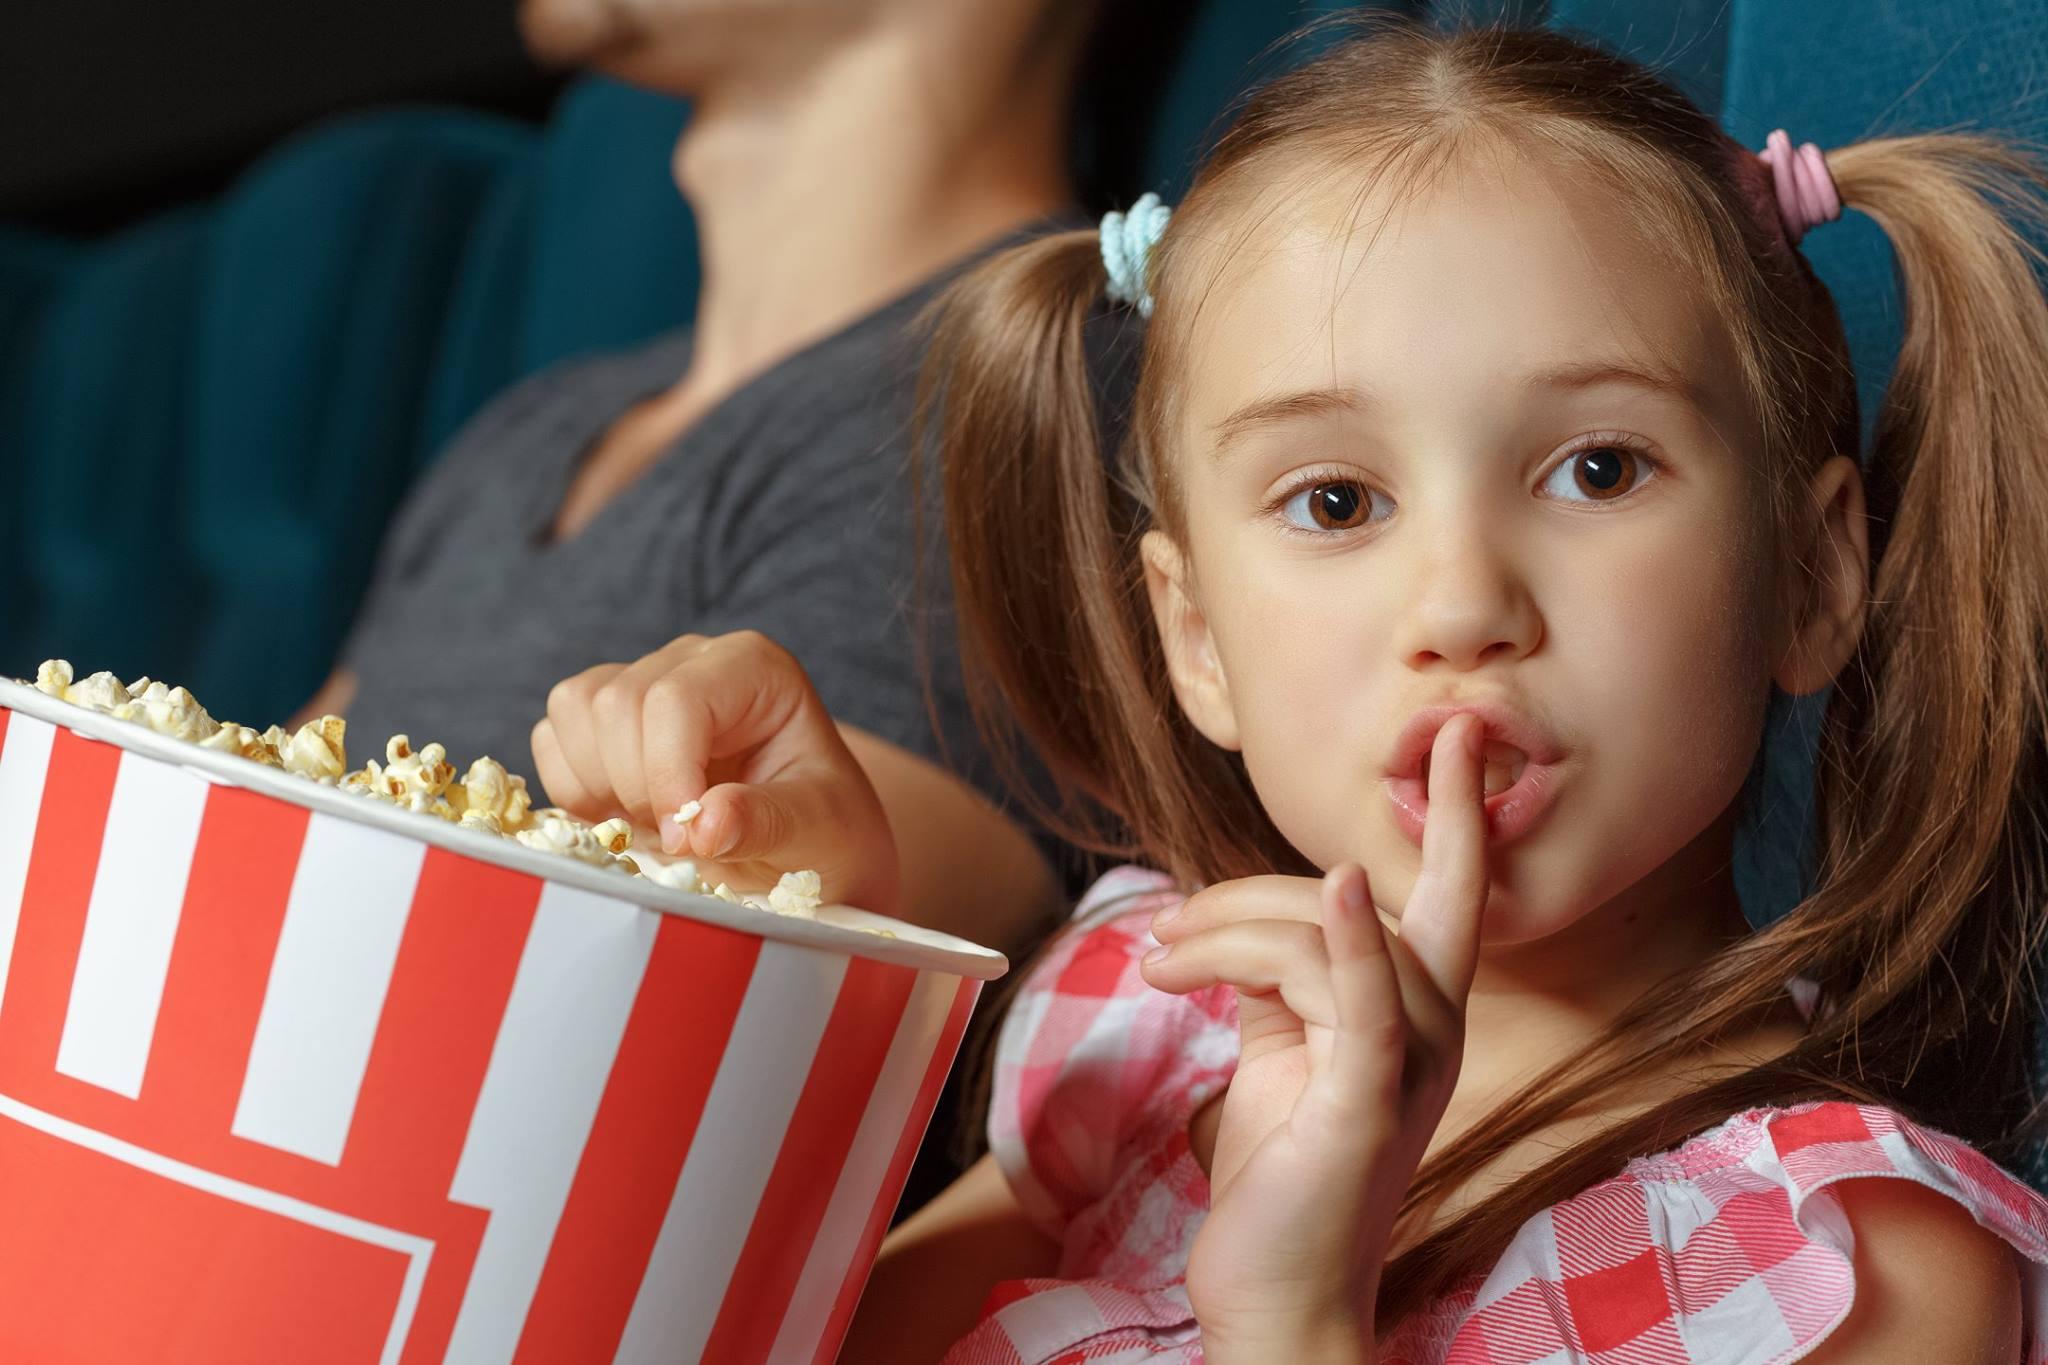 Сеть кинотеатров Multiplex приглашает отпраздновать День знаний вместе с любимыми героями